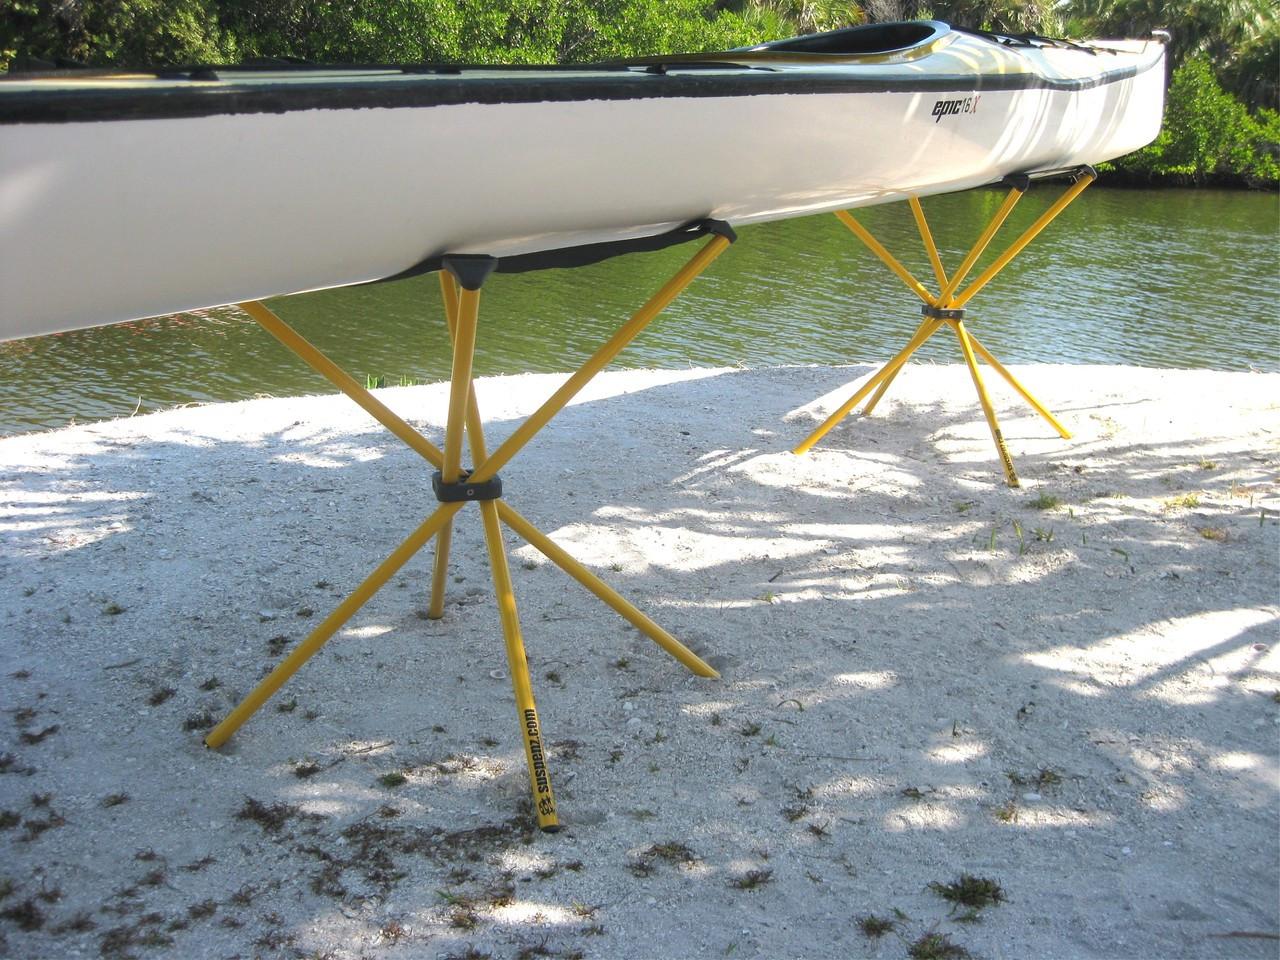 Freestanding Kayak Storage Suspenz Portable Boat Stand